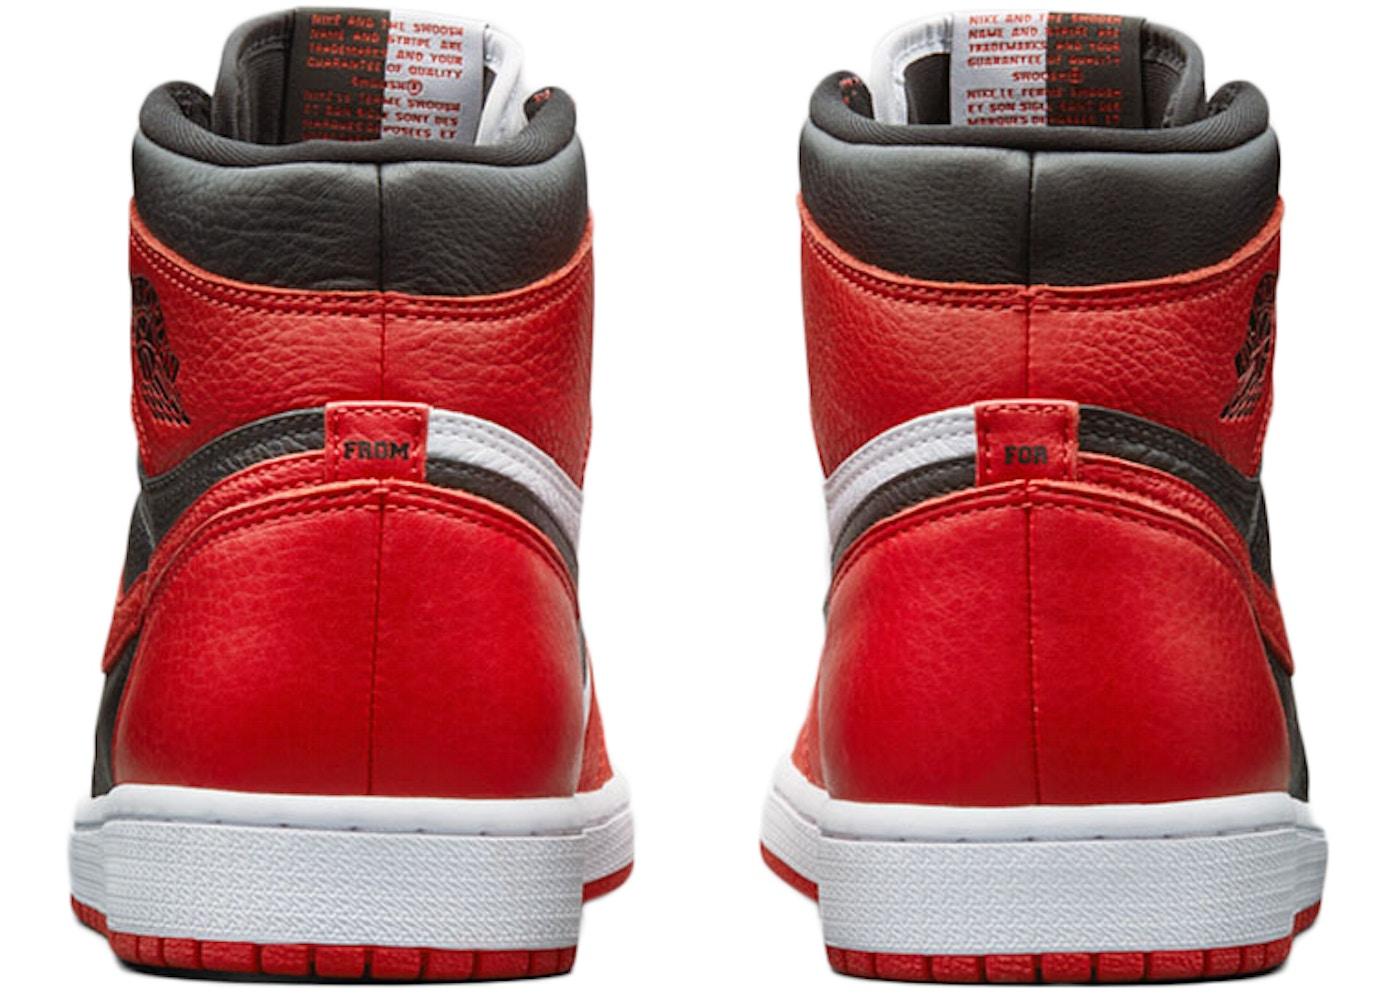 reputable site a124c fb72a Air Jordan Size 6 Shoes - Last Sale